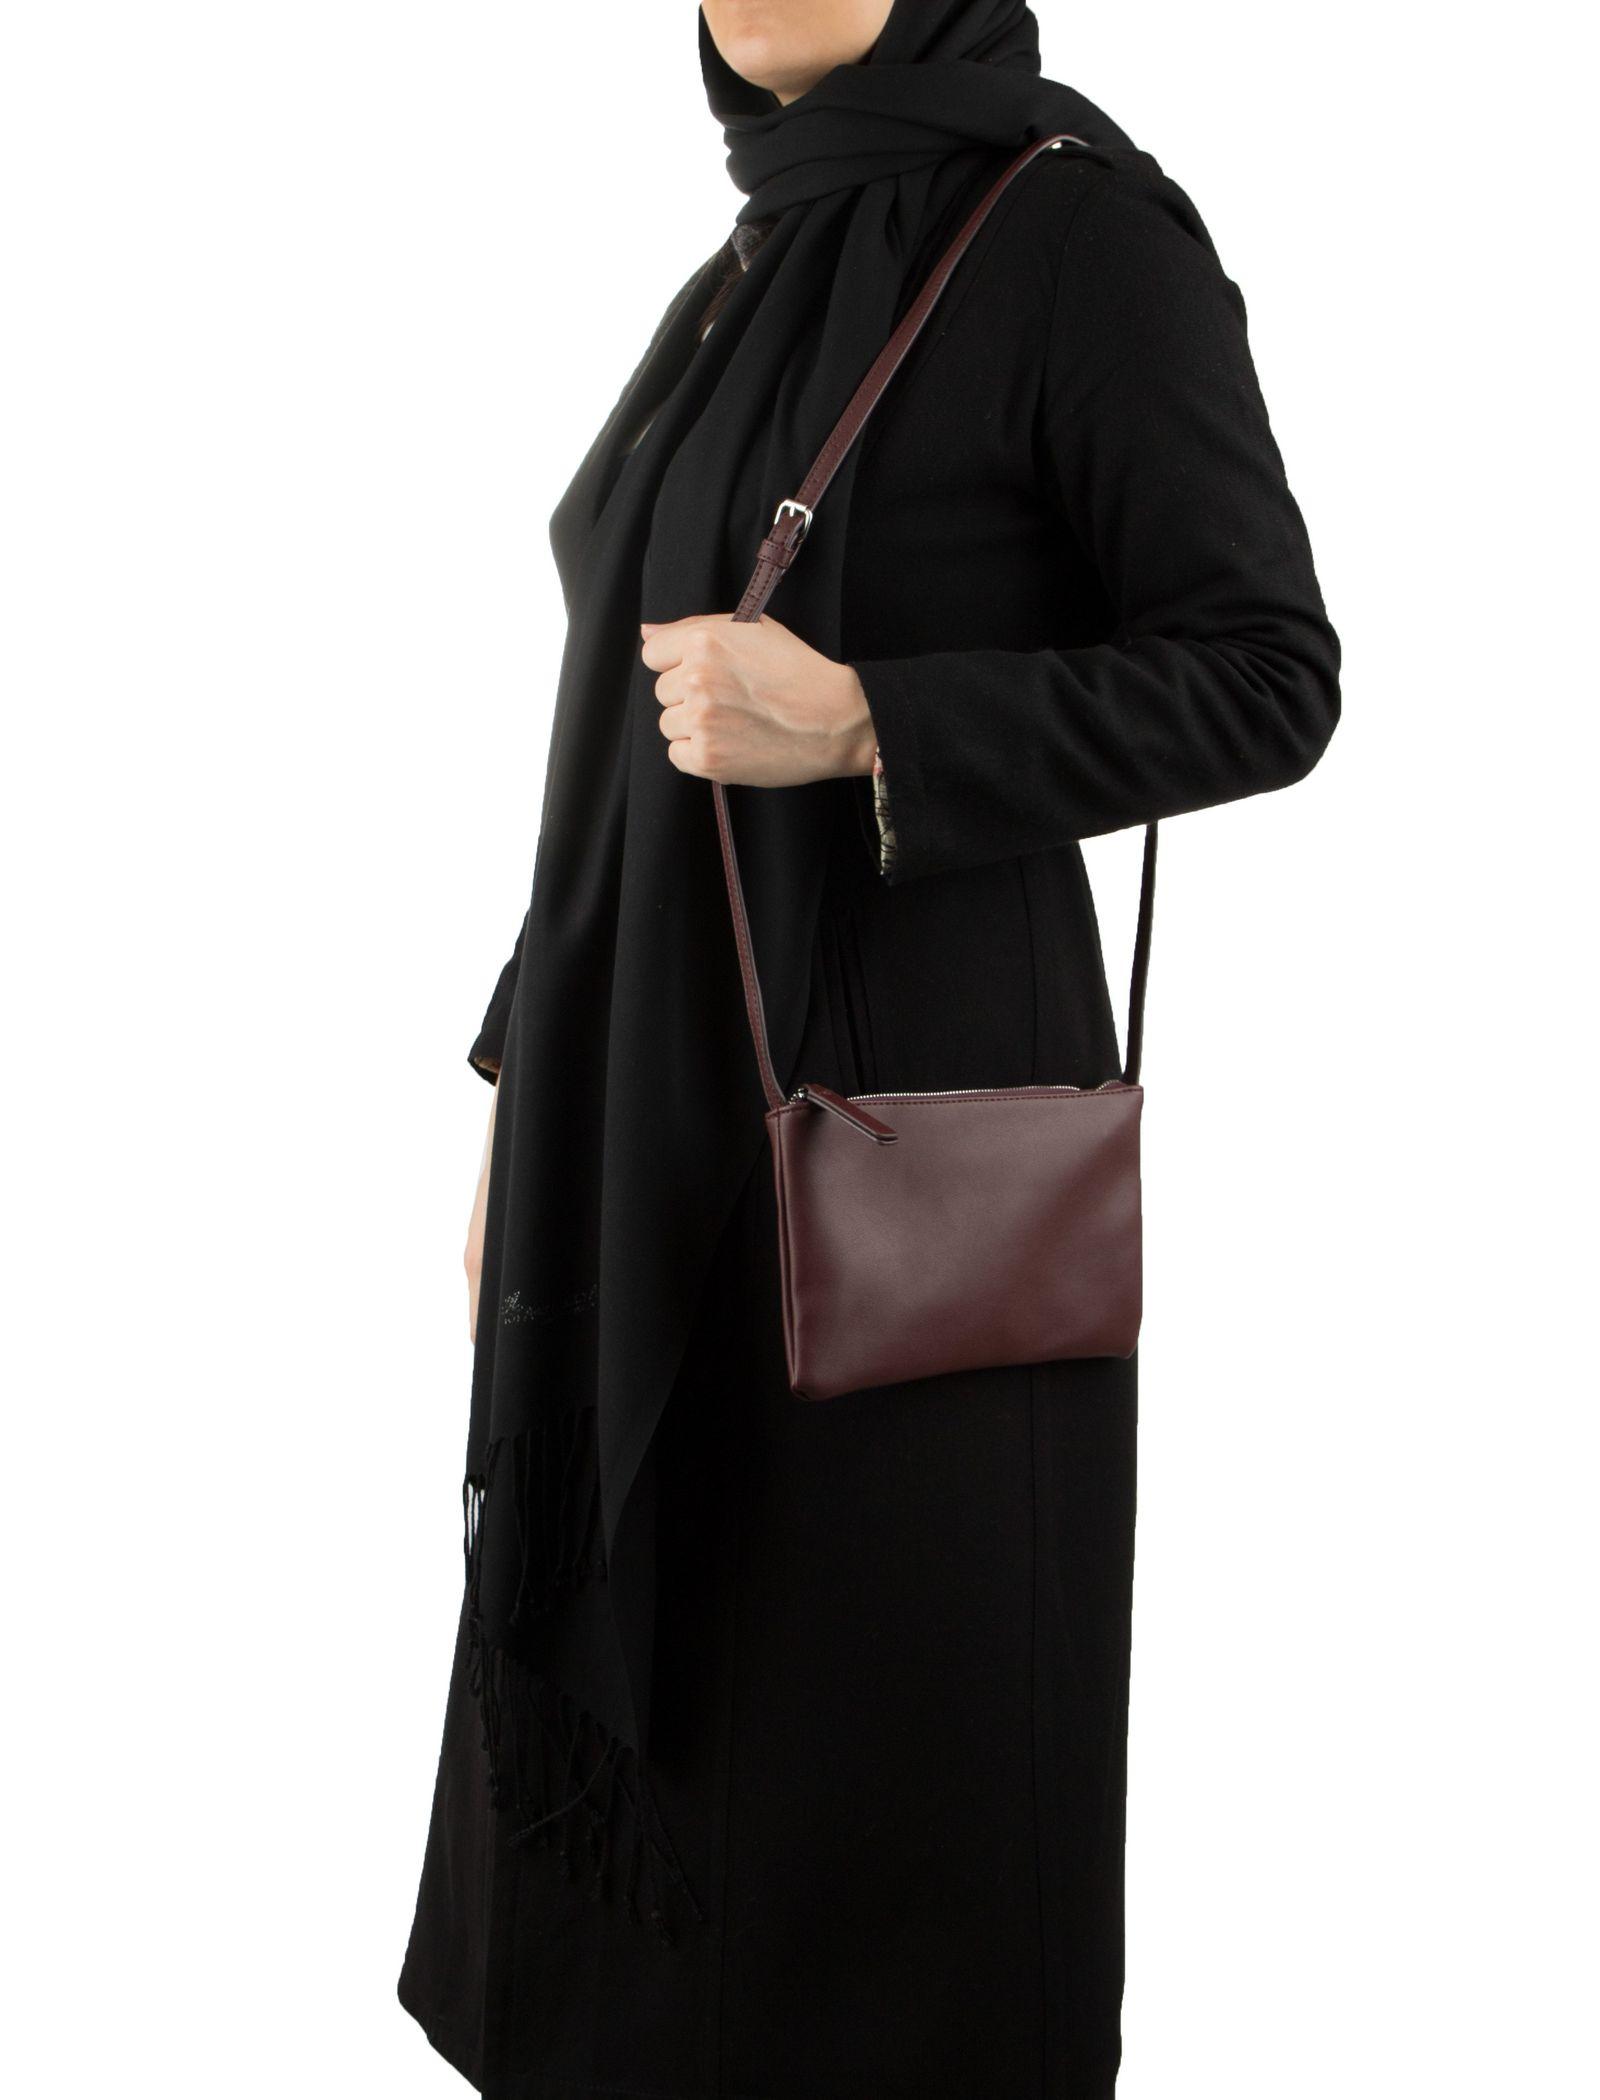 کیف دوشی روزمره زنانه - تیفوسی - قهوه اي زرشکي - 6